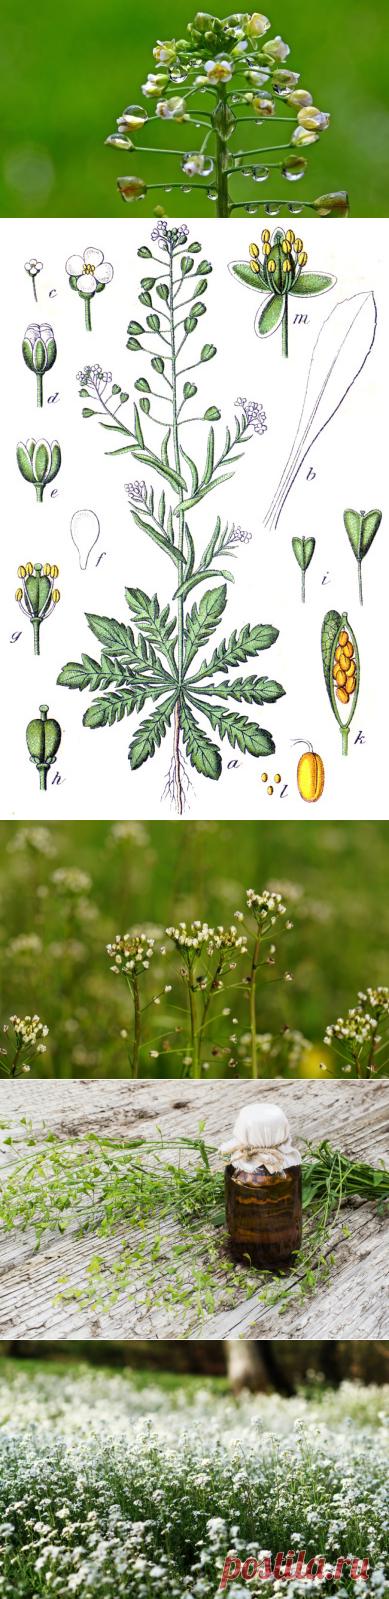 Лекарственные растения. Что находится в пастушьей сумке? | Растения